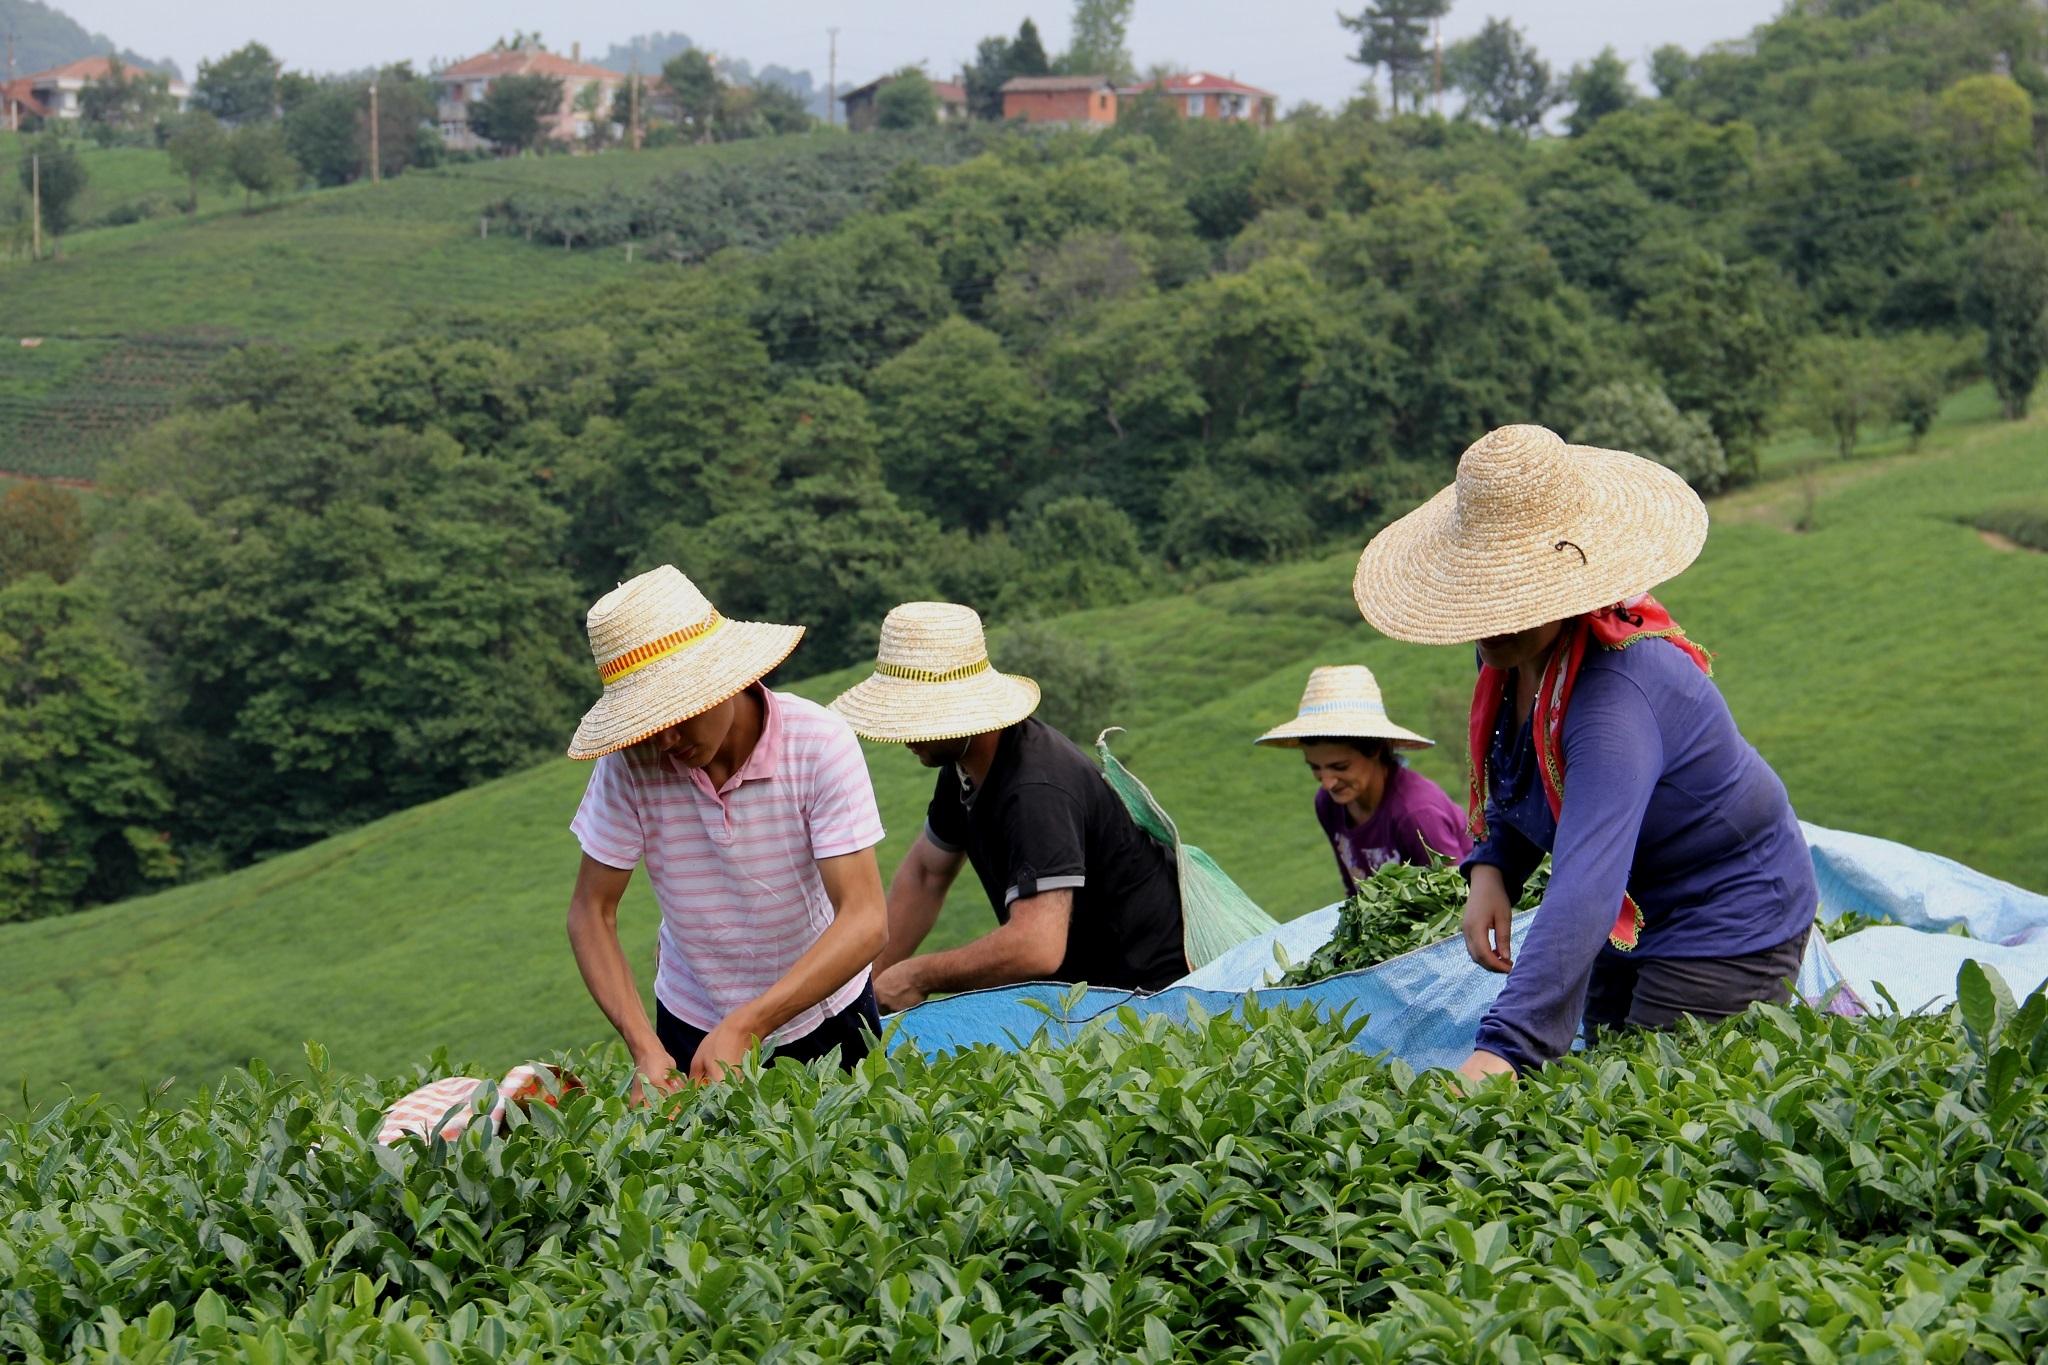 Yaş çay alım kampanyası için pandemi kuralları